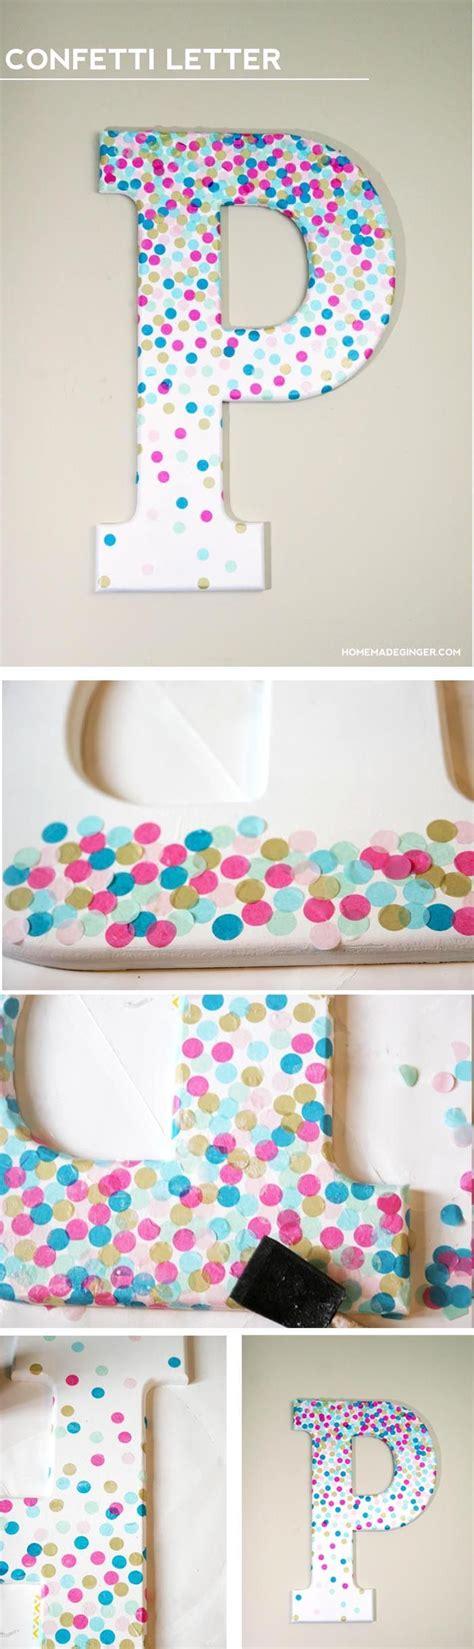 diy vasos de papel y mucho confeti for some easy diy nursery wall decorate a large